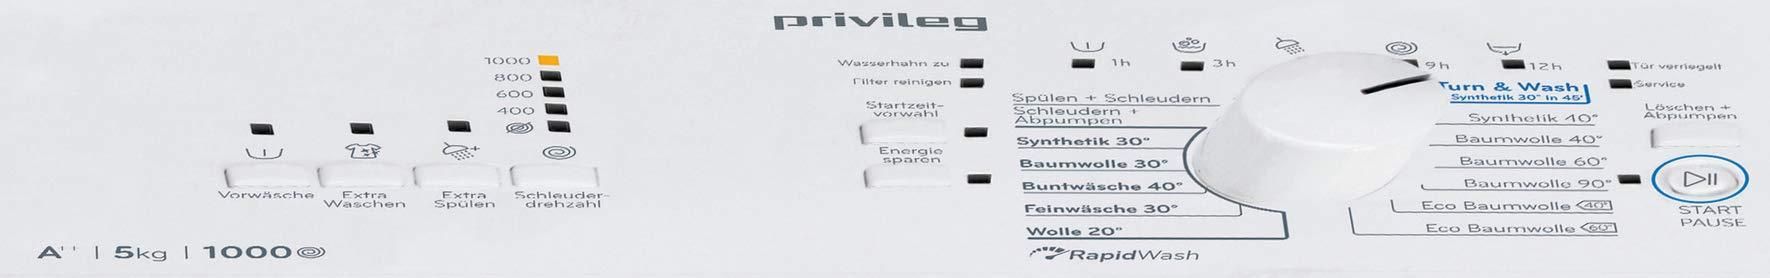 Privileg-PWT-A51052-Toplader-WaschmaschineA-5-kg-1000-UpMStartzeitvorwahlExtra-WaschenExtra-SplenWolle-ProgrammRapidWash-Programme-unter-59-Minuten